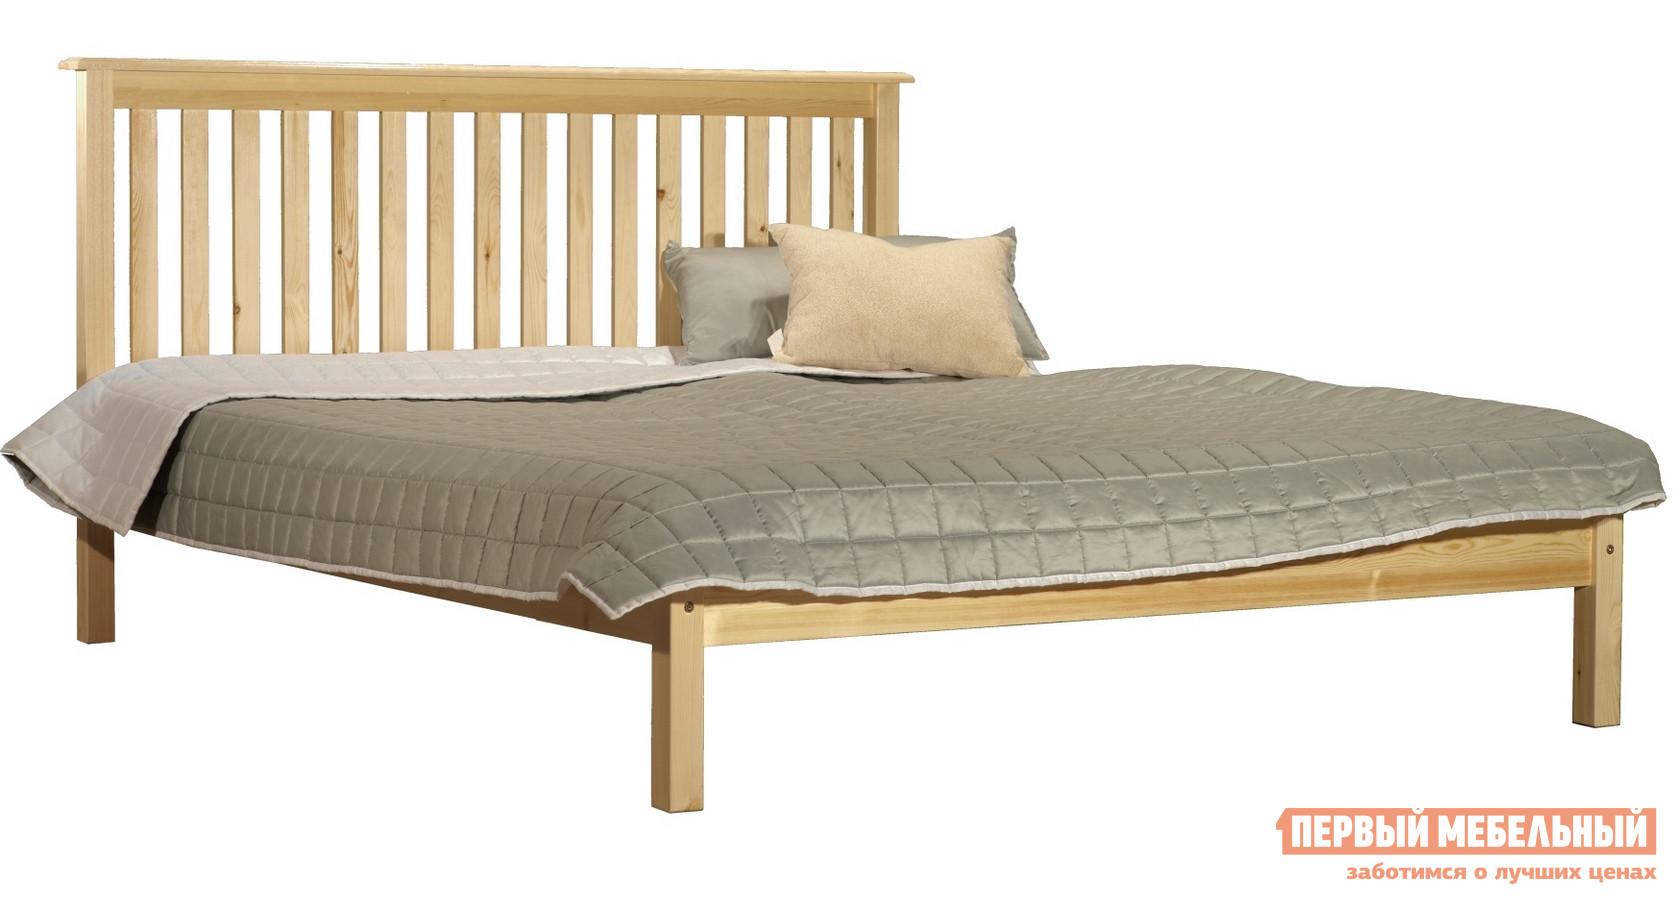 Кровать полуторная деревянная Timberica Рина-1